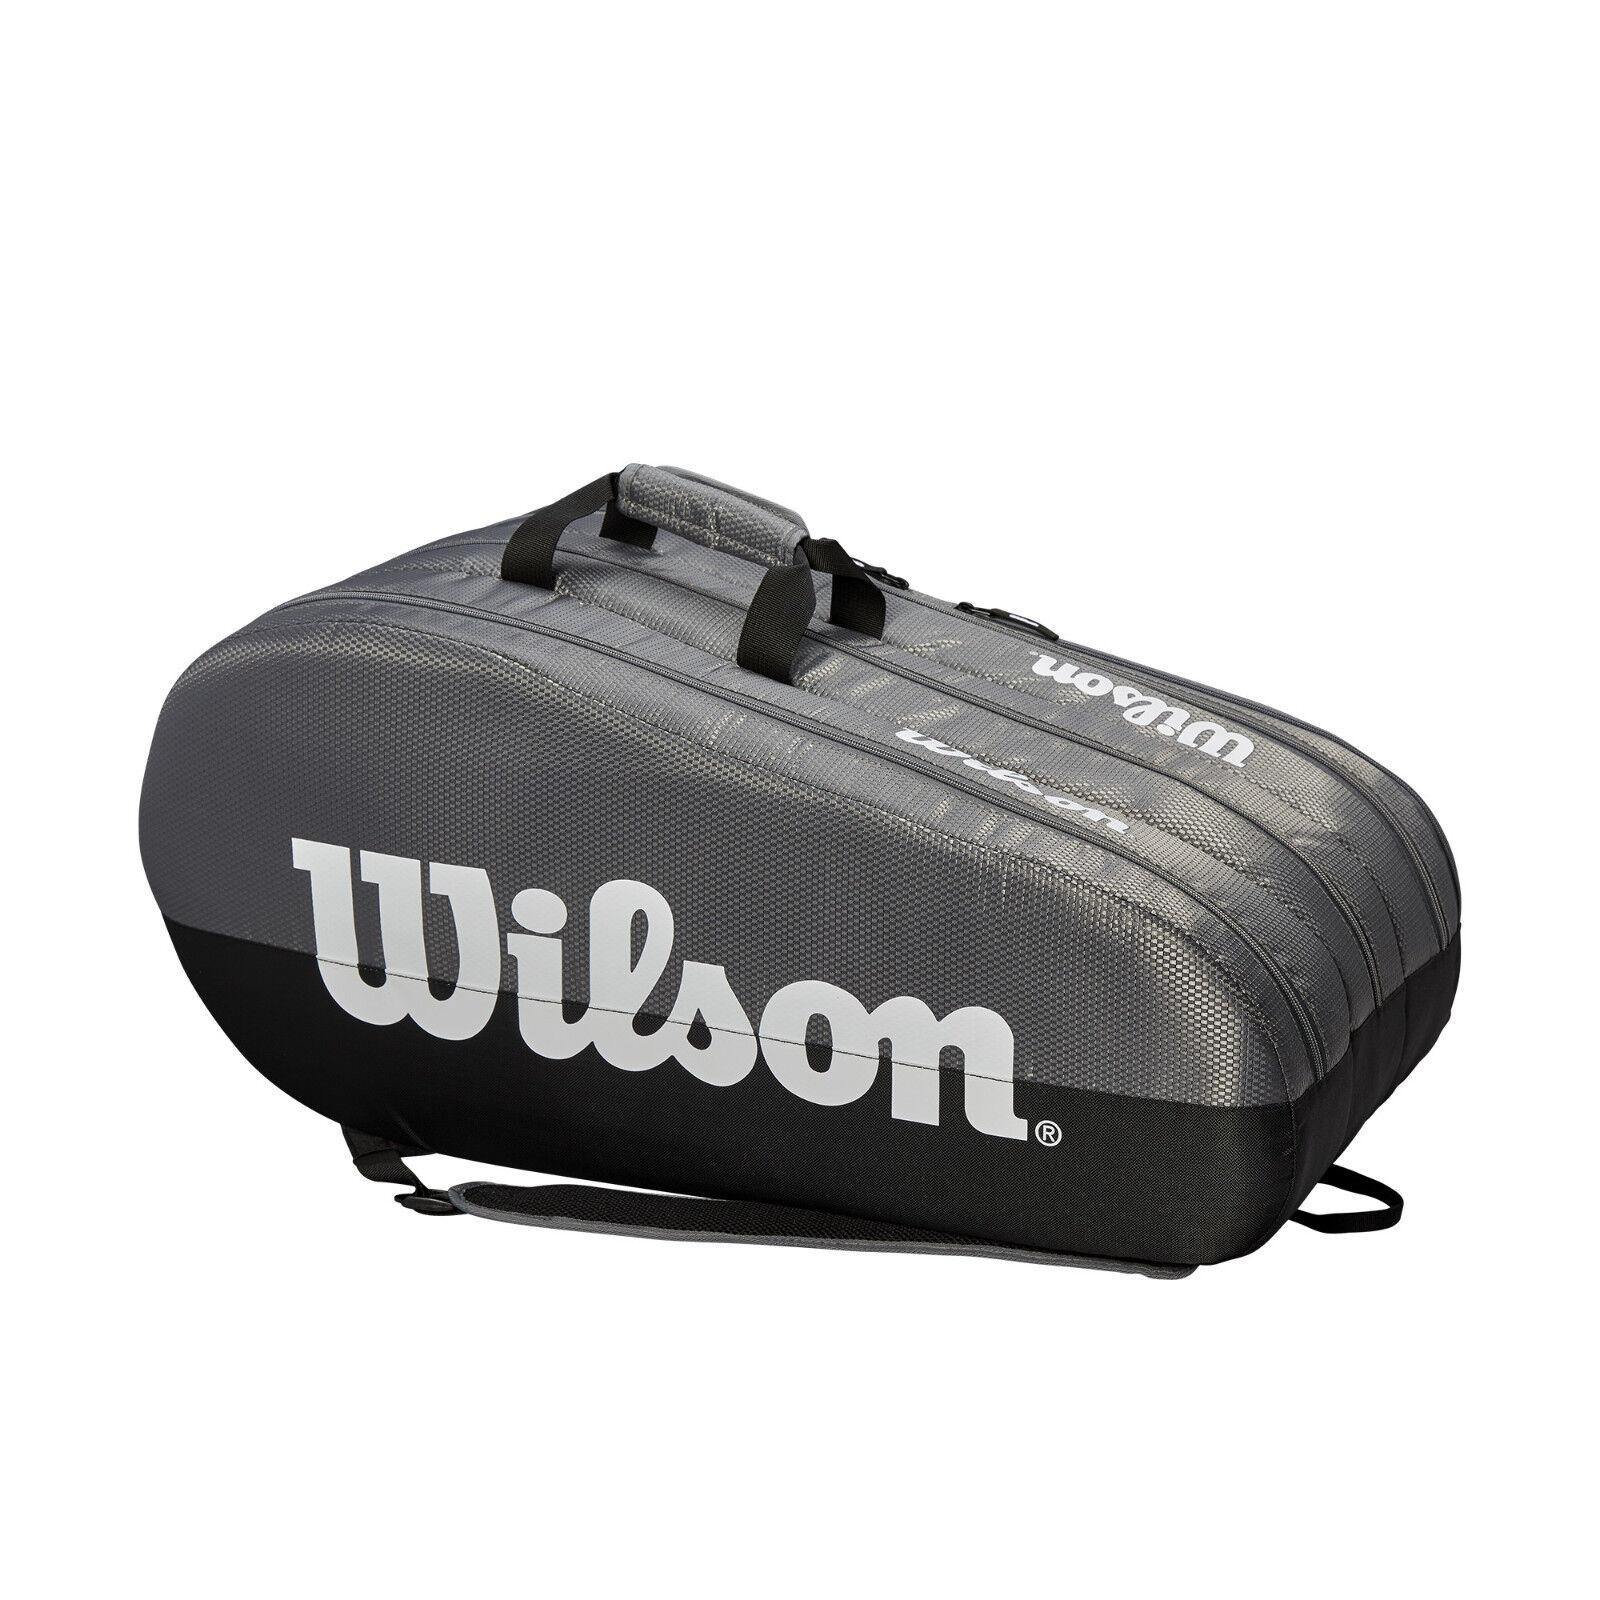 Wilson Team Team Team 3 Comp 12er Bag schwarz grau - große Tennistasche zum Toppreis    | Verwendet in der Haltbarkeit  | Offizielle  | Smart  708f8d